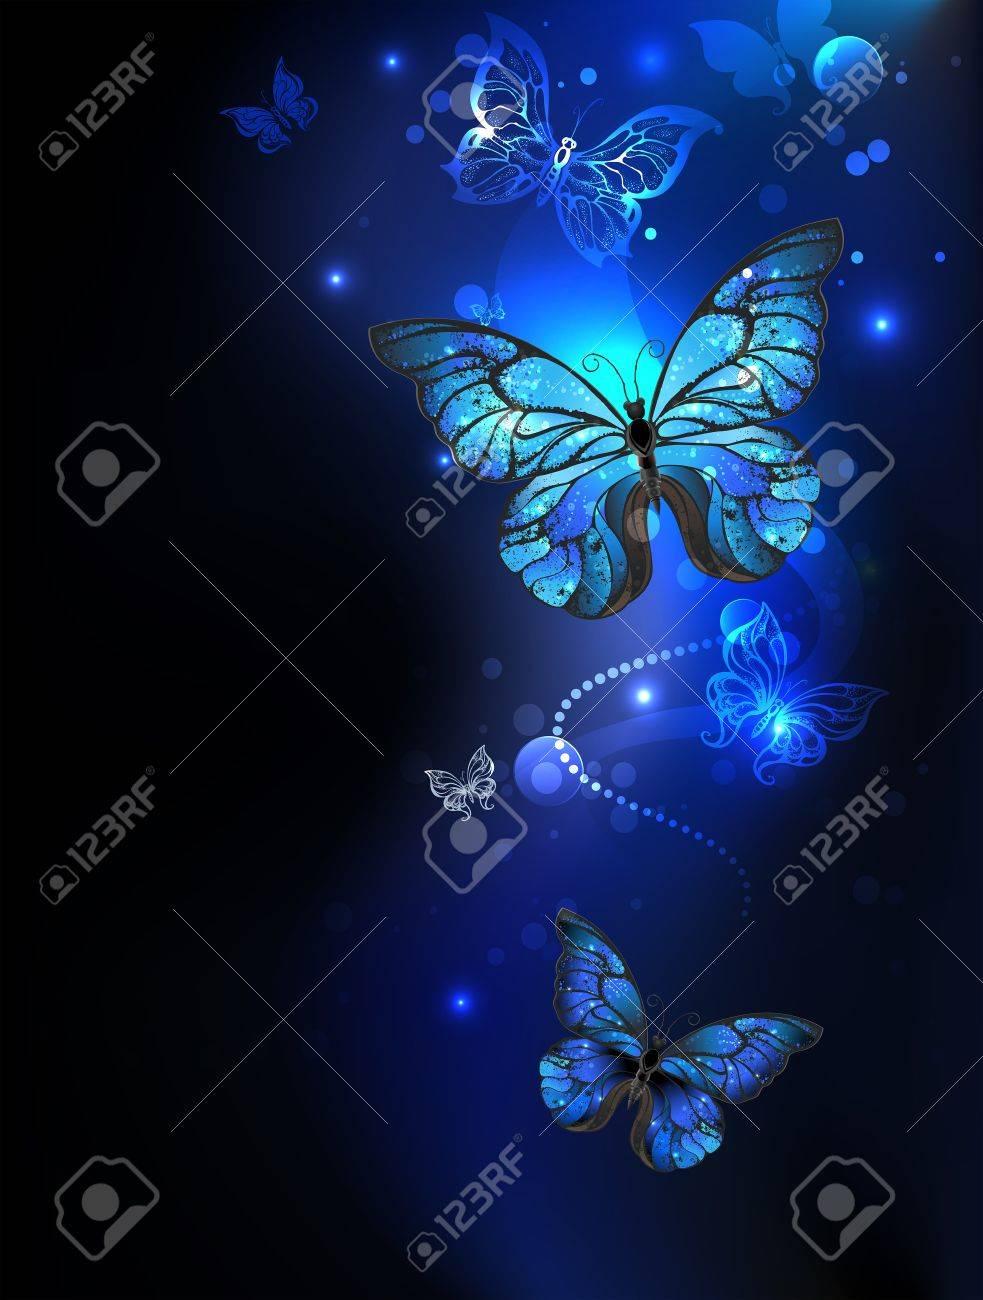 Blue, Glowing Butterflies Morpho On A Dark Background. Morpho ...